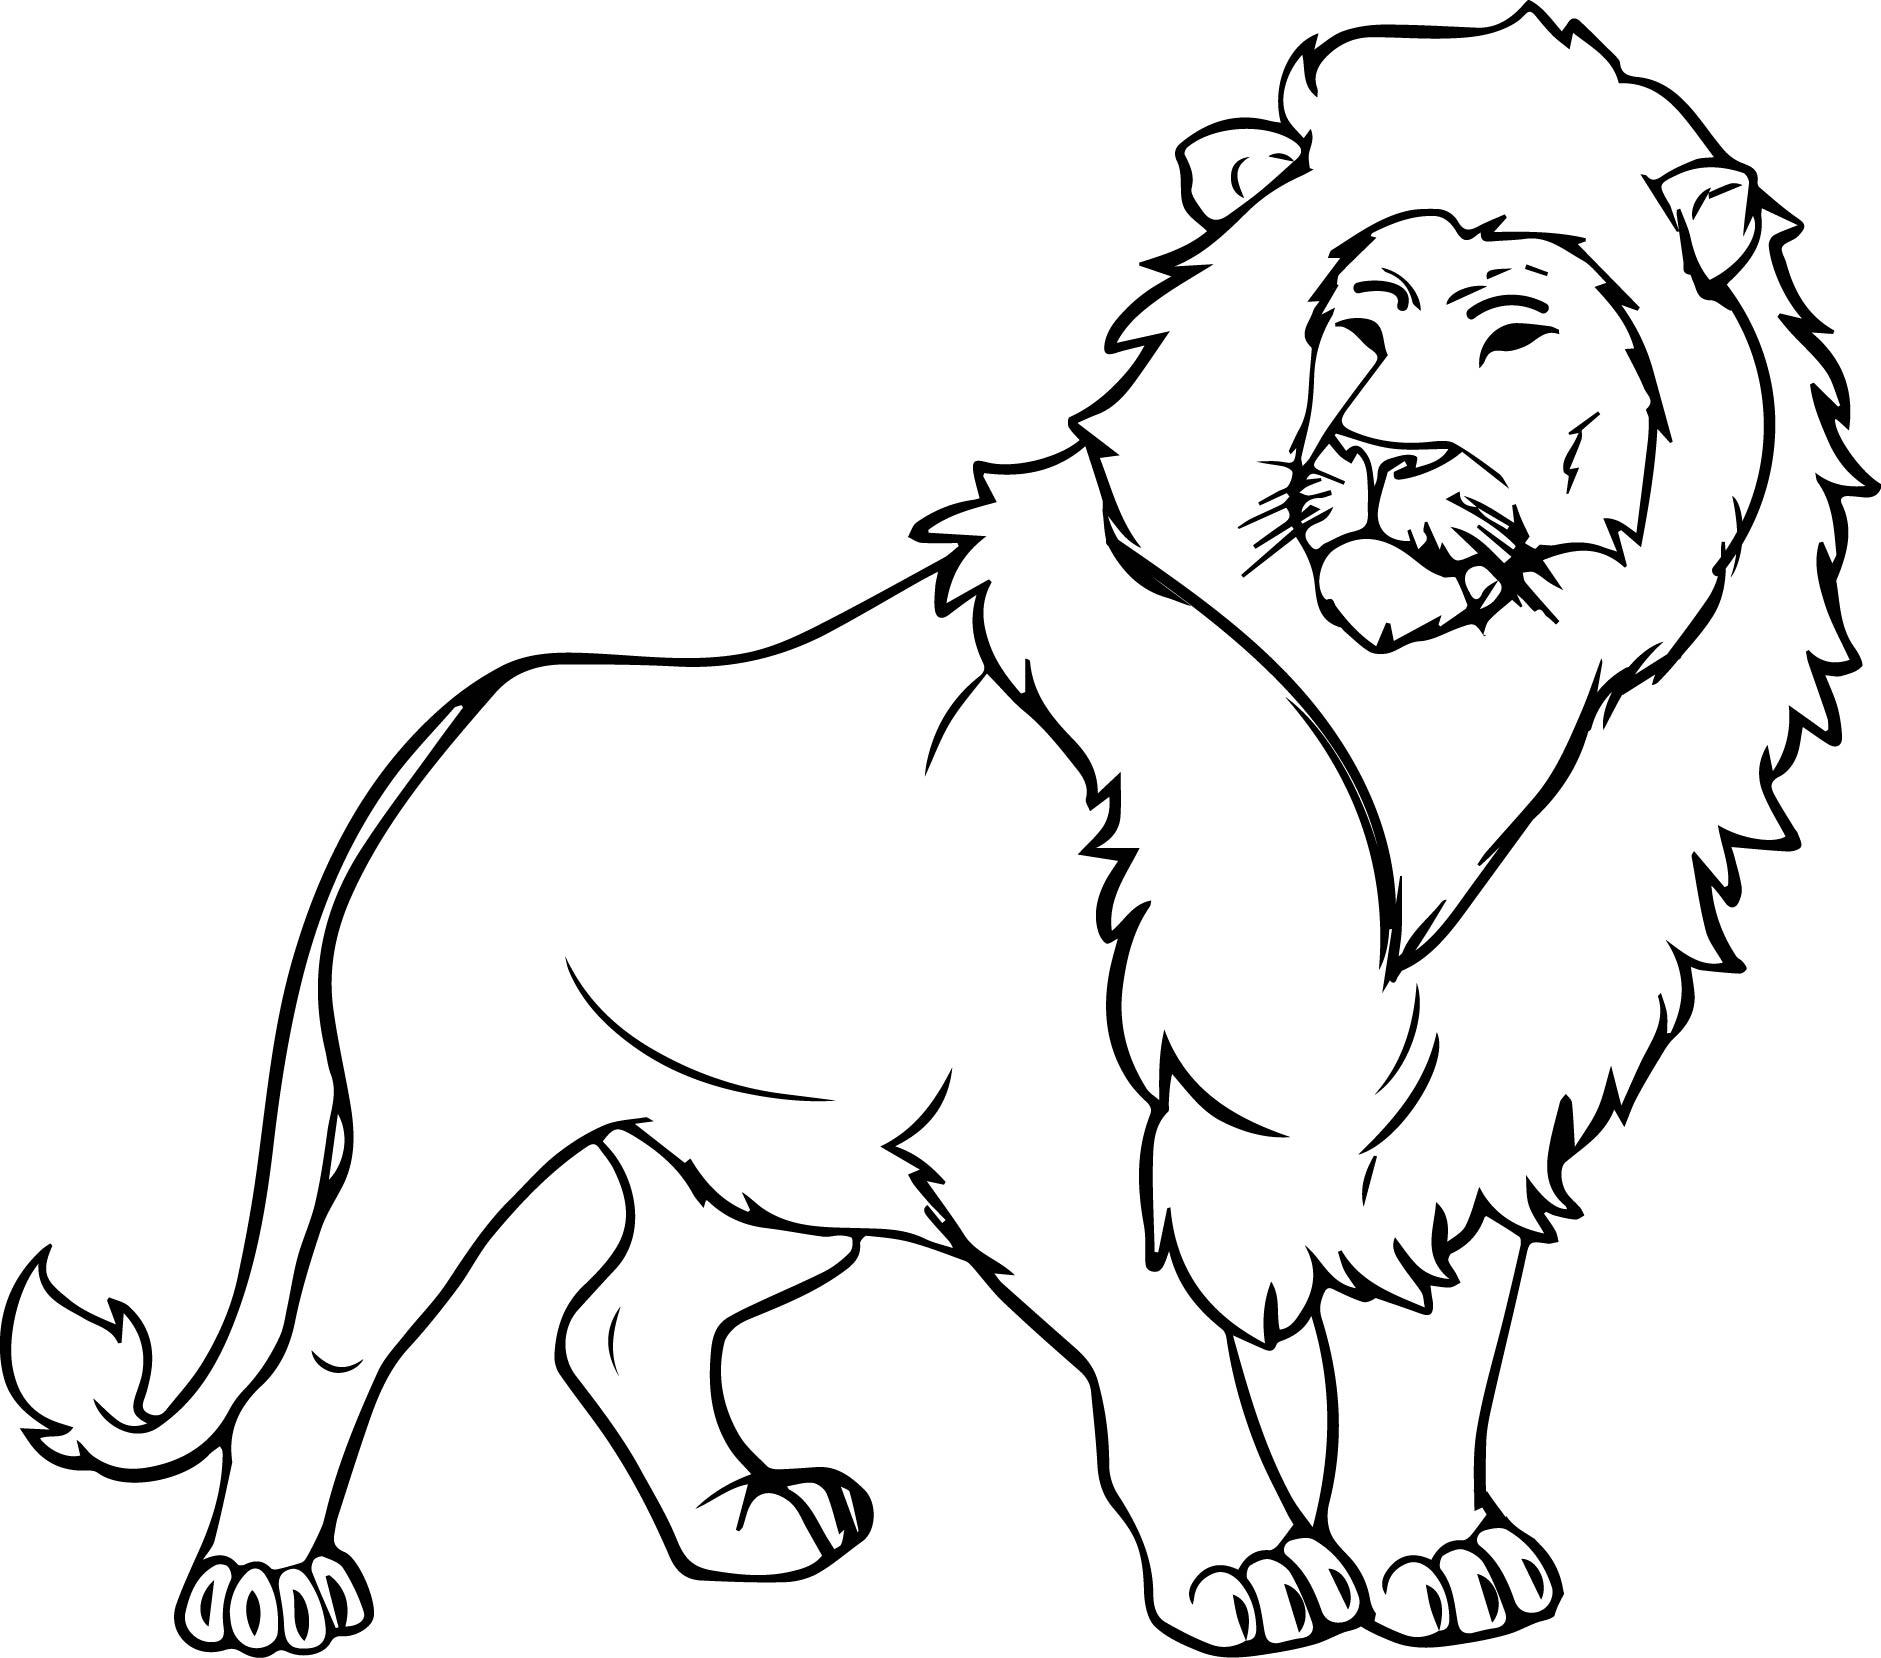 coloring page of a lion disegno di leone africano maschio da colorare disegni da a page lion coloring of